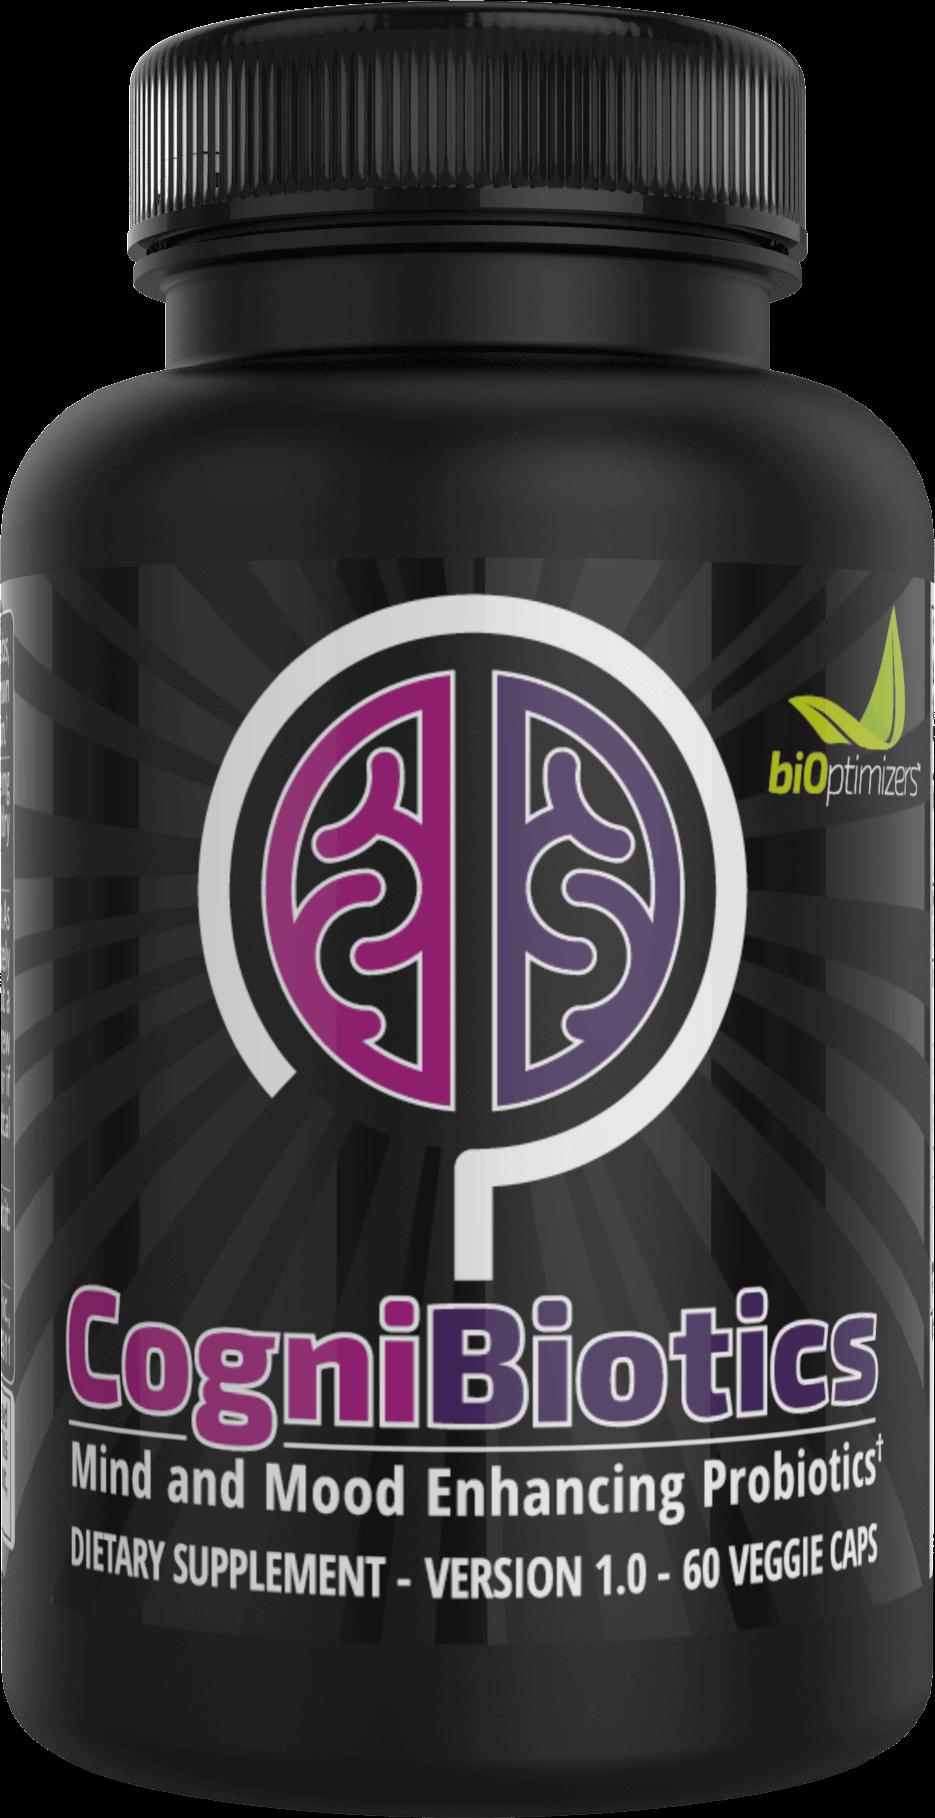 CogniBiotics-US-60-FRONT